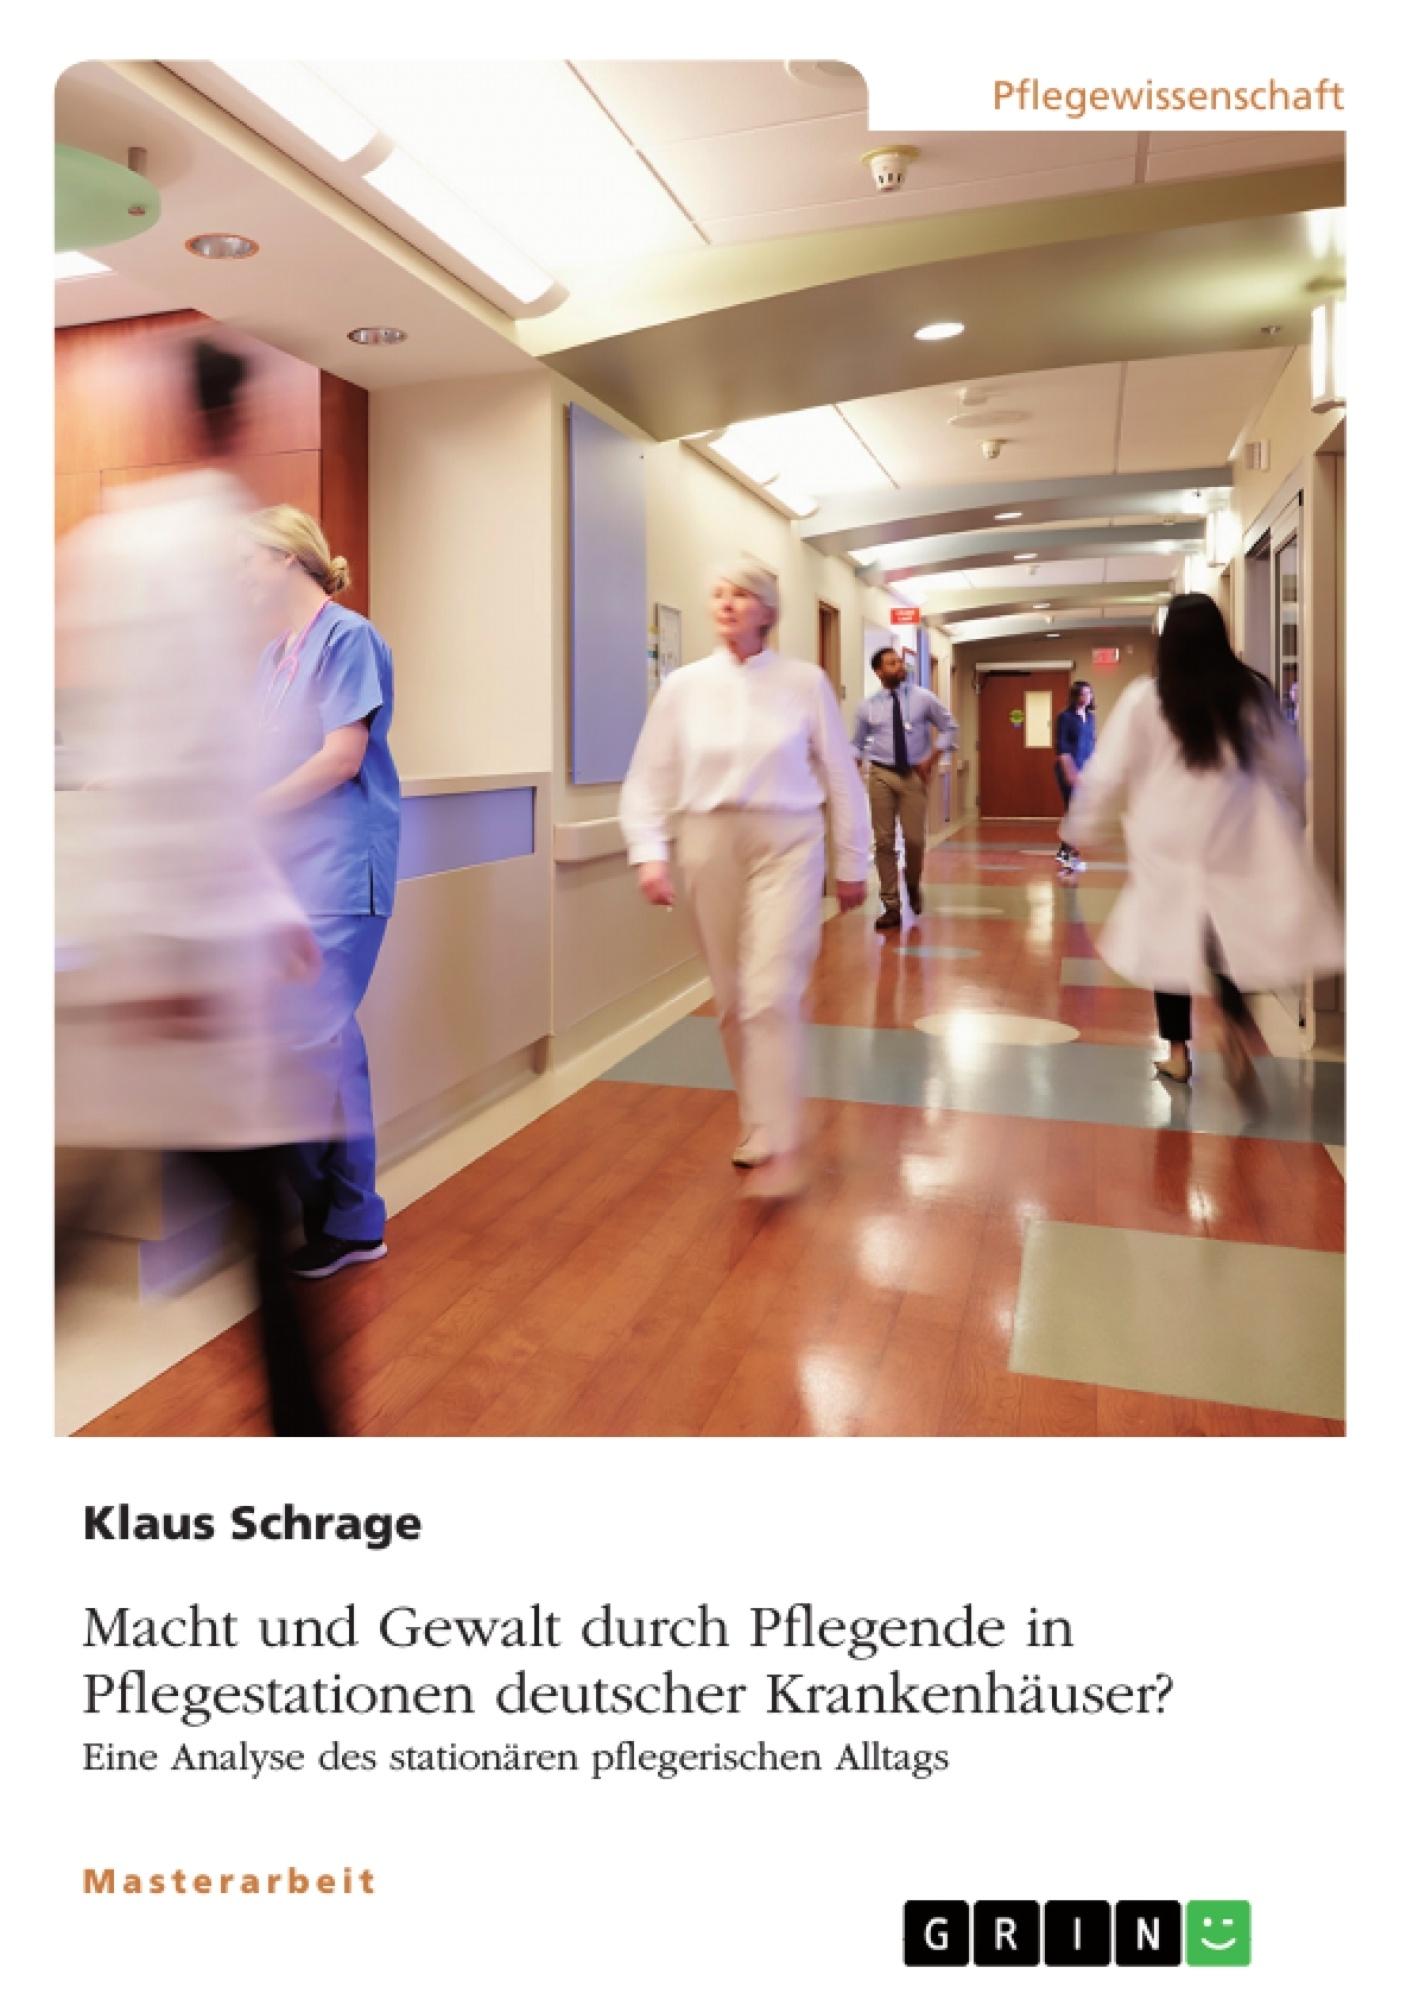 Titel: Macht und Gewalt durch Pflegende in Pflegestationen deutscher Krankenhäuser? Eine Analyse des stationären pflegerischen Alltags